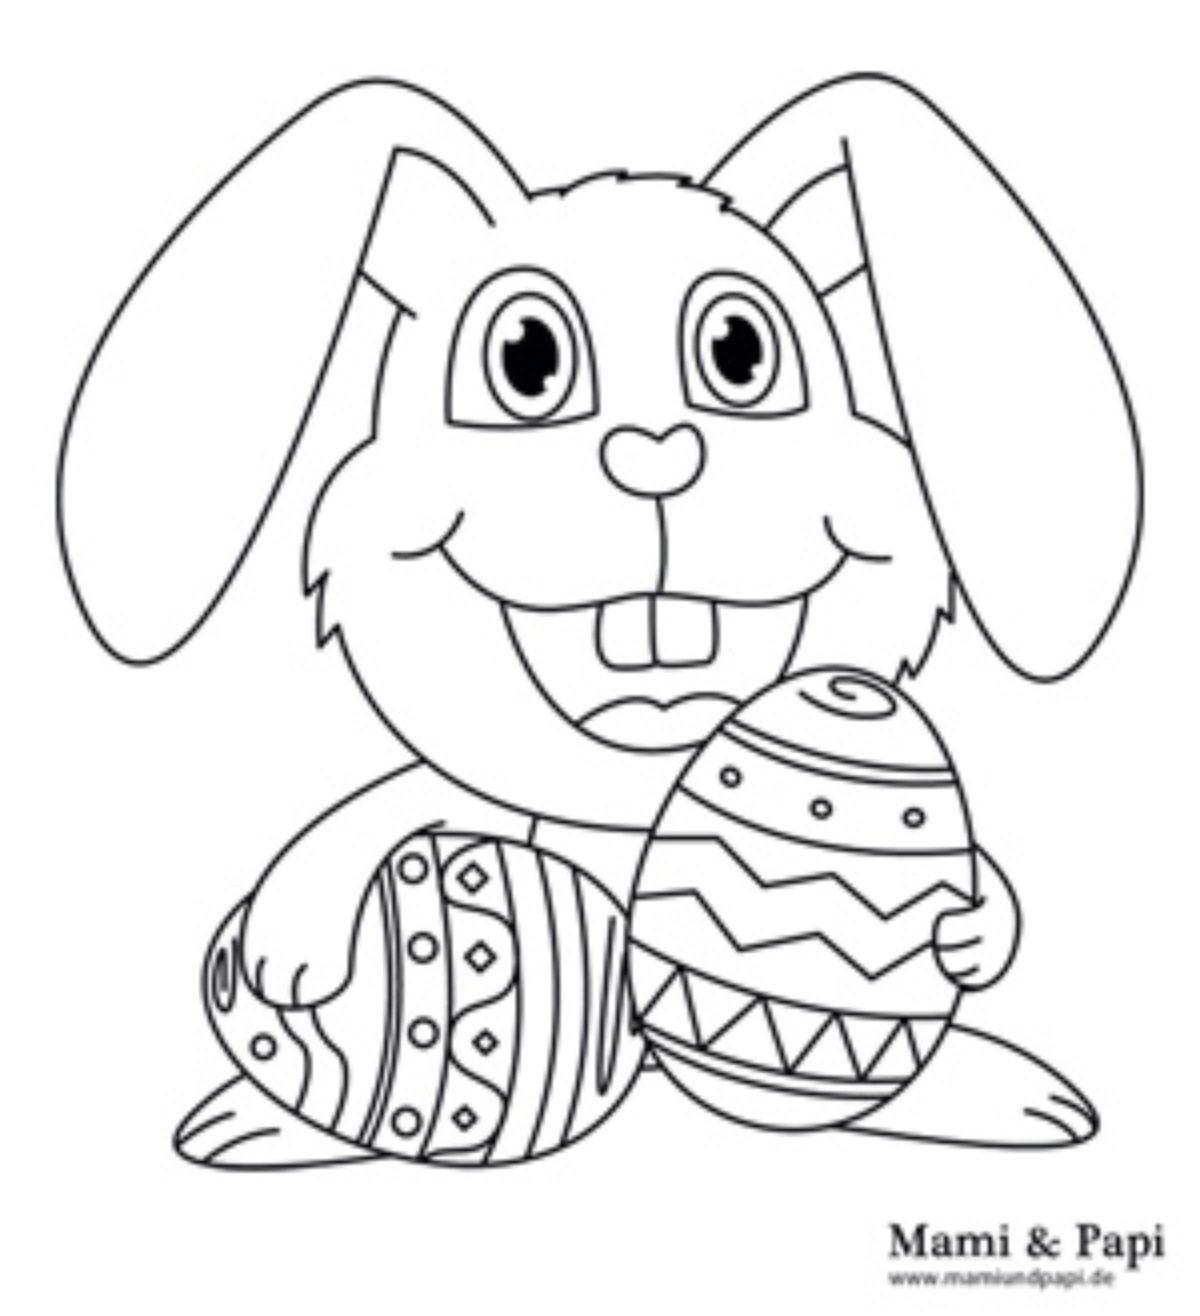 Malvorlage Osterhase | Mami & Papi für Osterhase Ausmalen